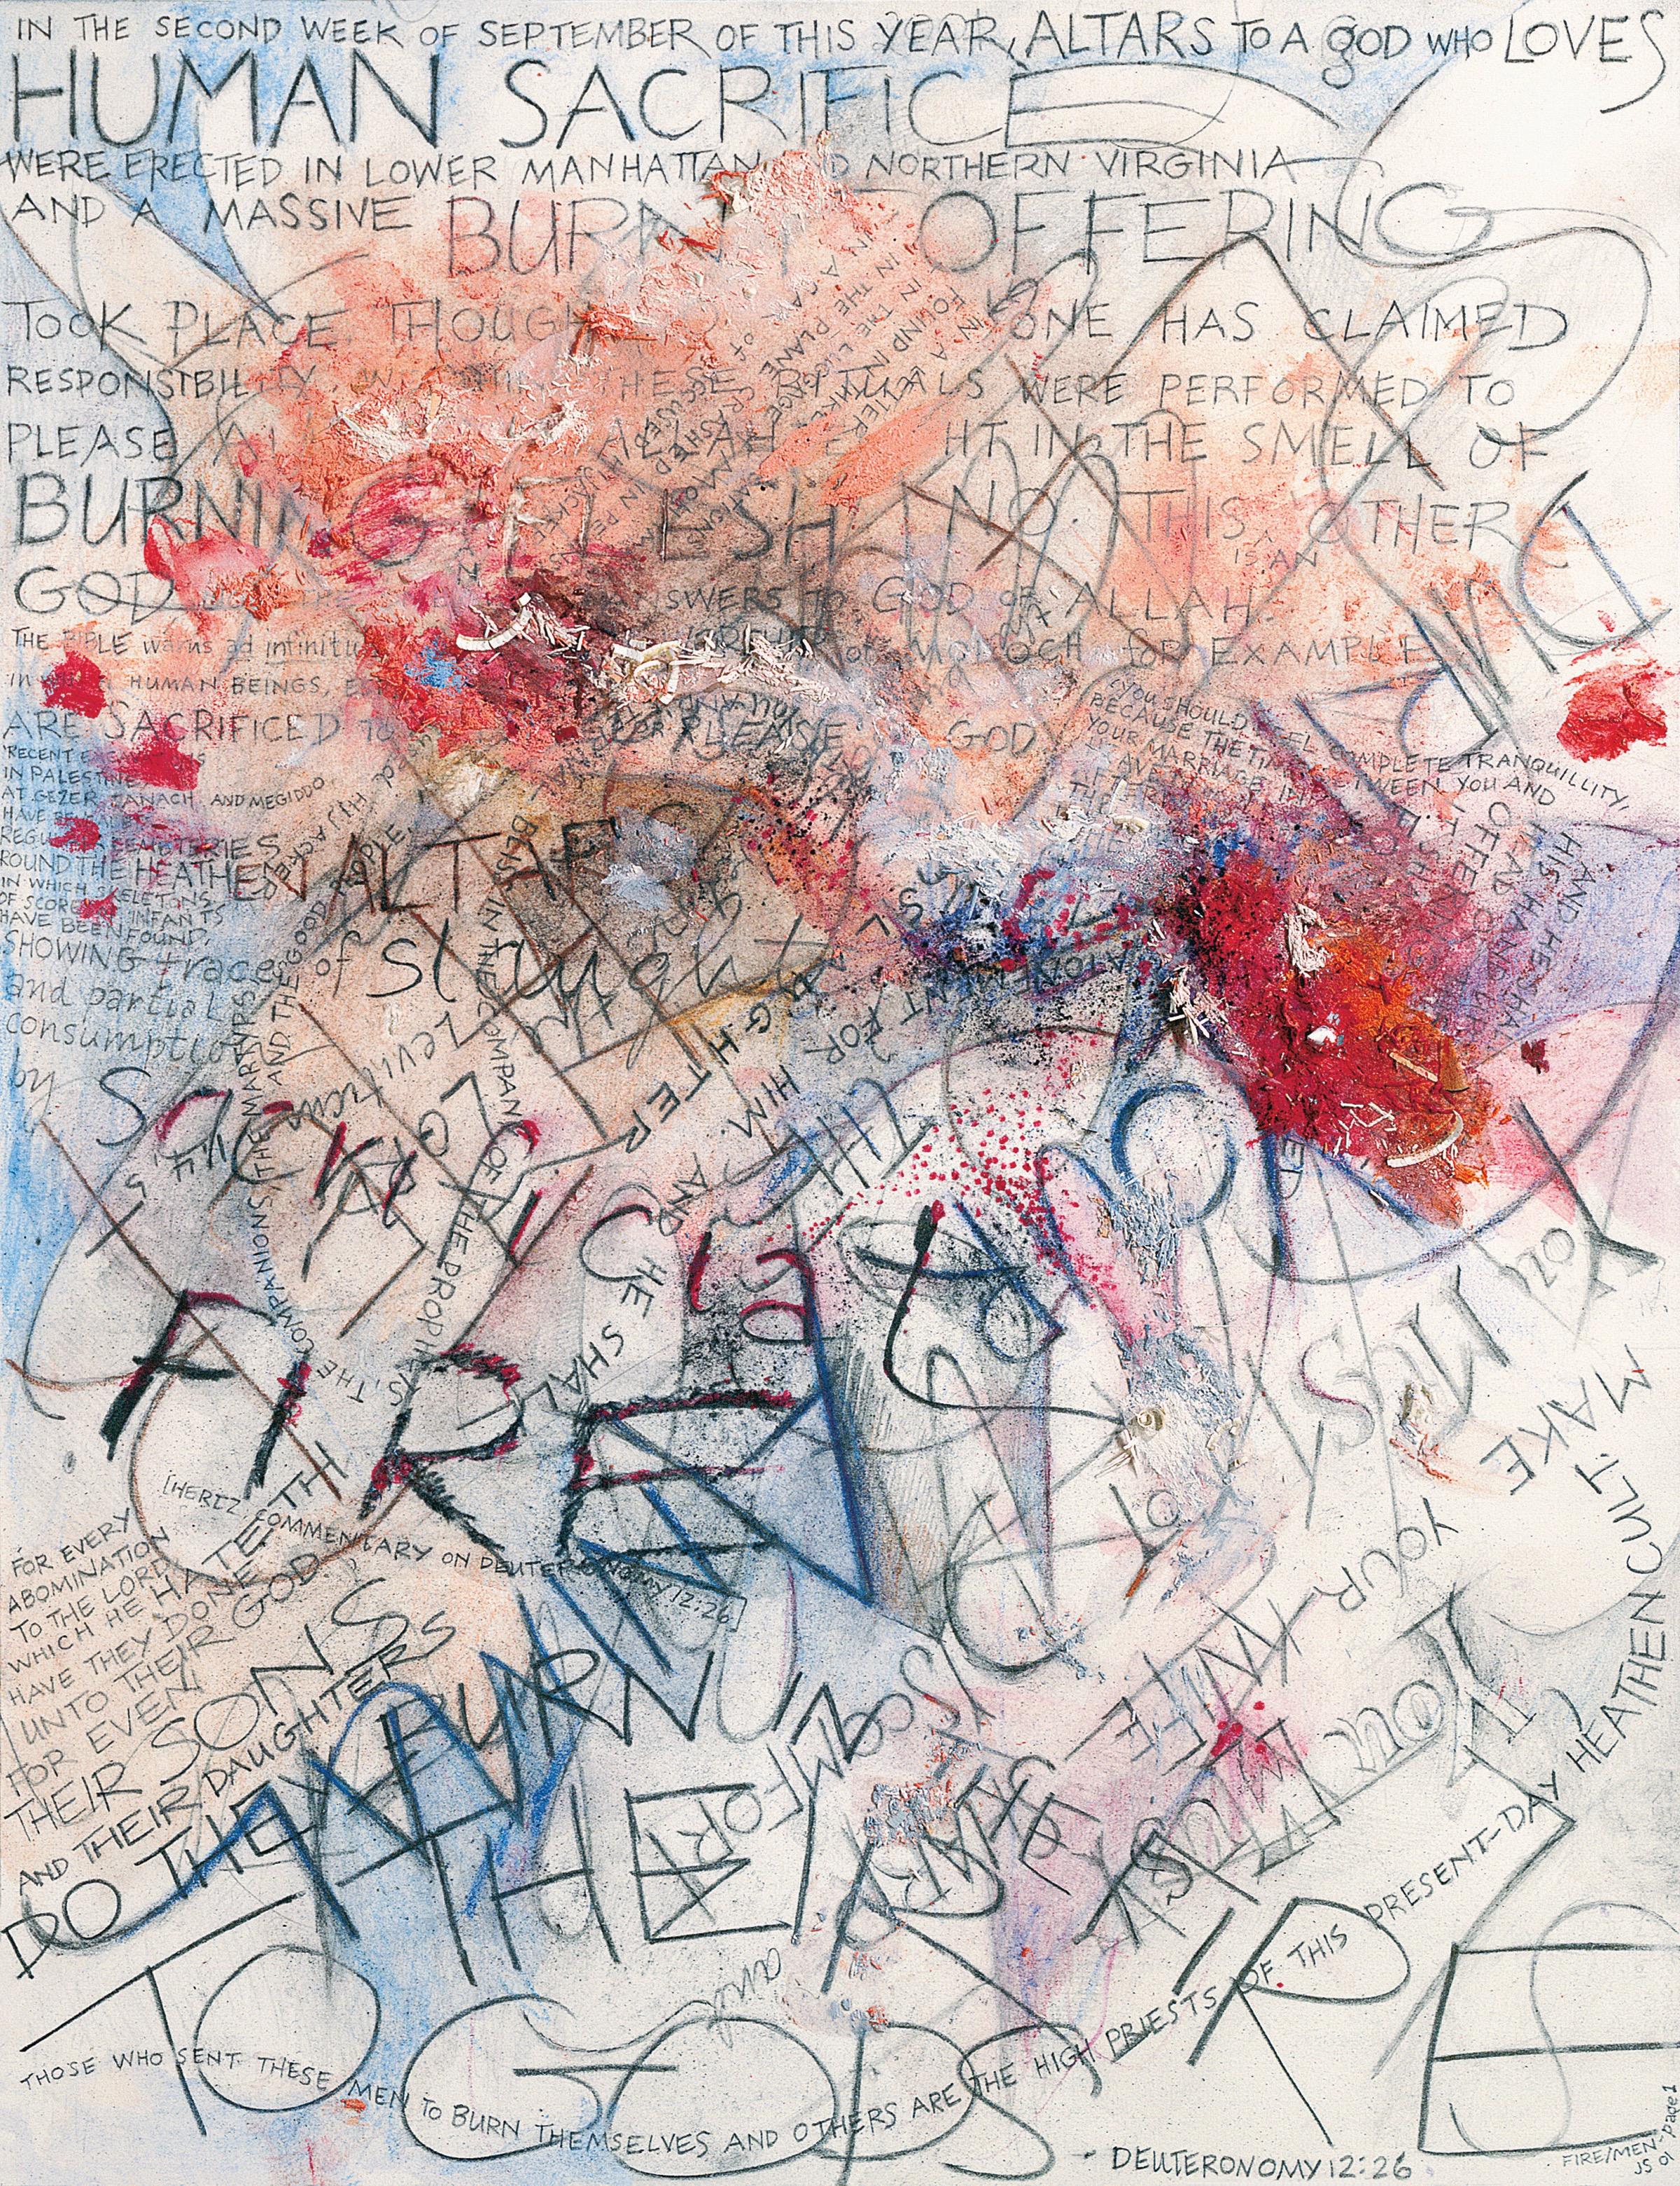 fire/men , colored pencil, graphite, pencil shavings, aquarelle arches cold press paper, 10x8 inches, 2001